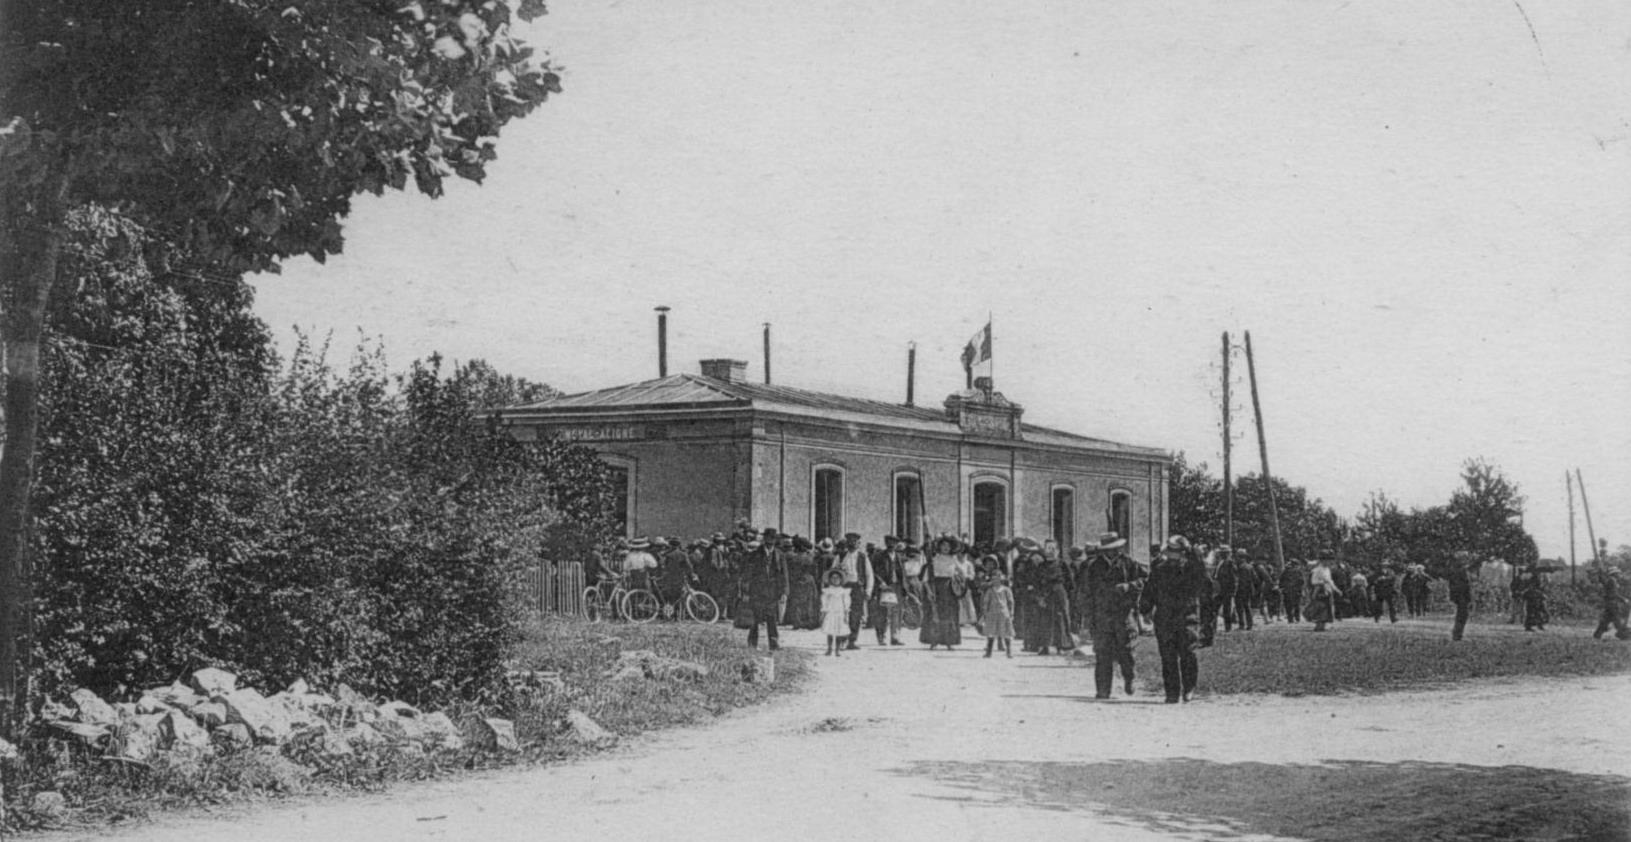 La gare de Noyal-Acigné - 1858